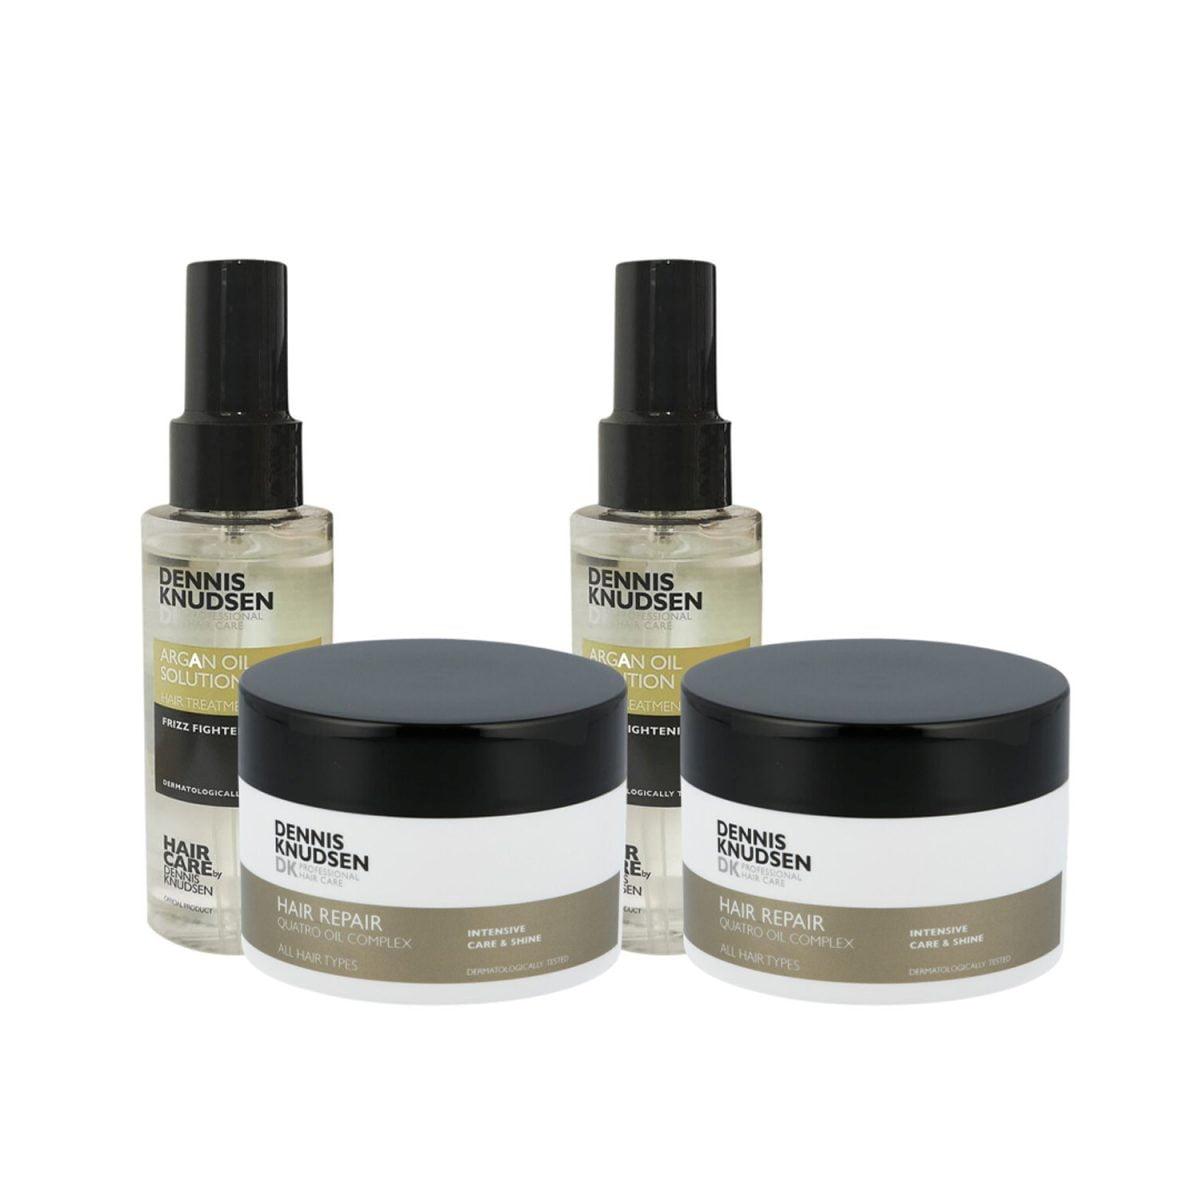 to styk argan oil og to styk hair repair produkter fra dennis knudsen